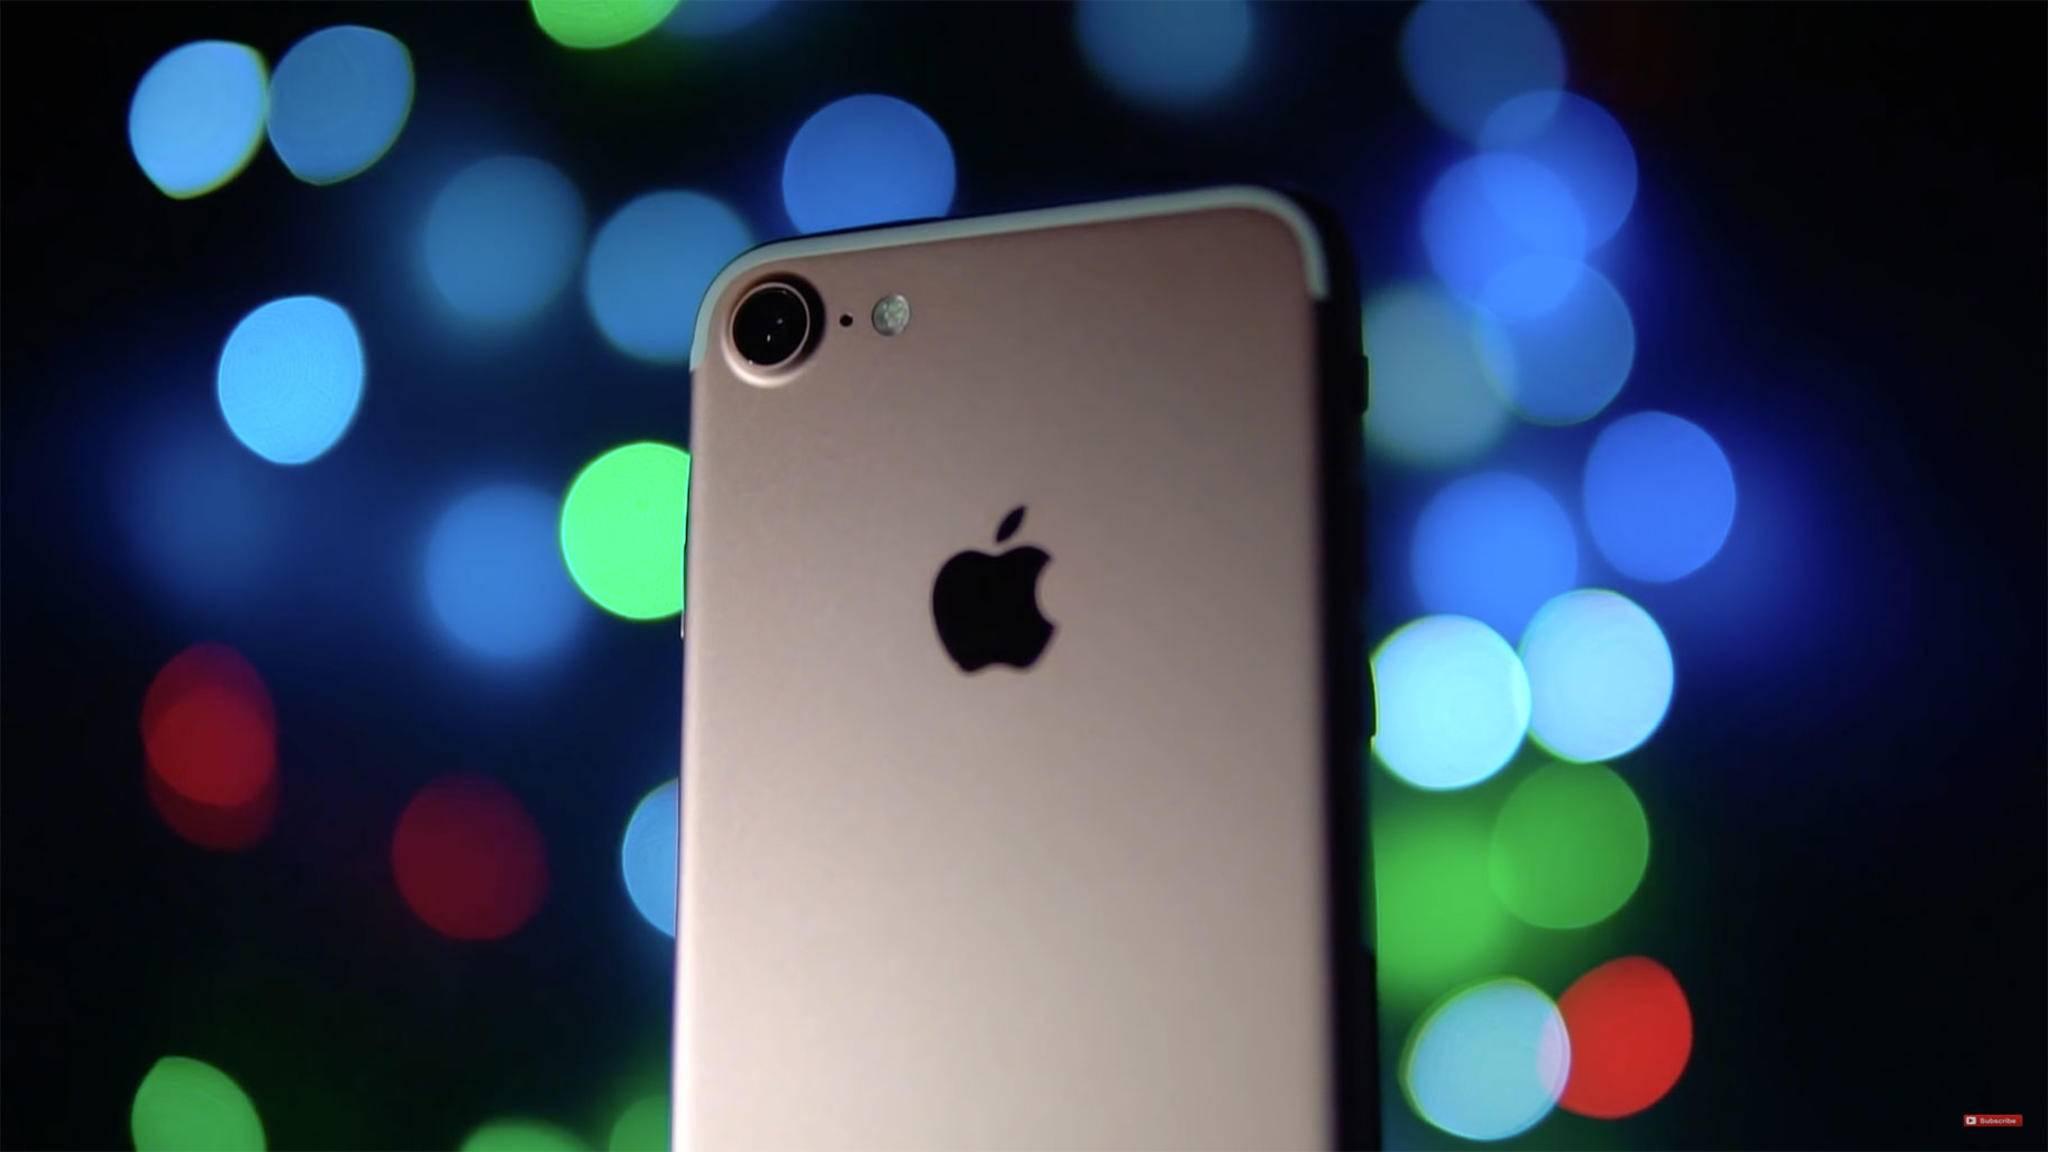 iPhone lässt sich nicht ausschalten? Wir geben Rat.